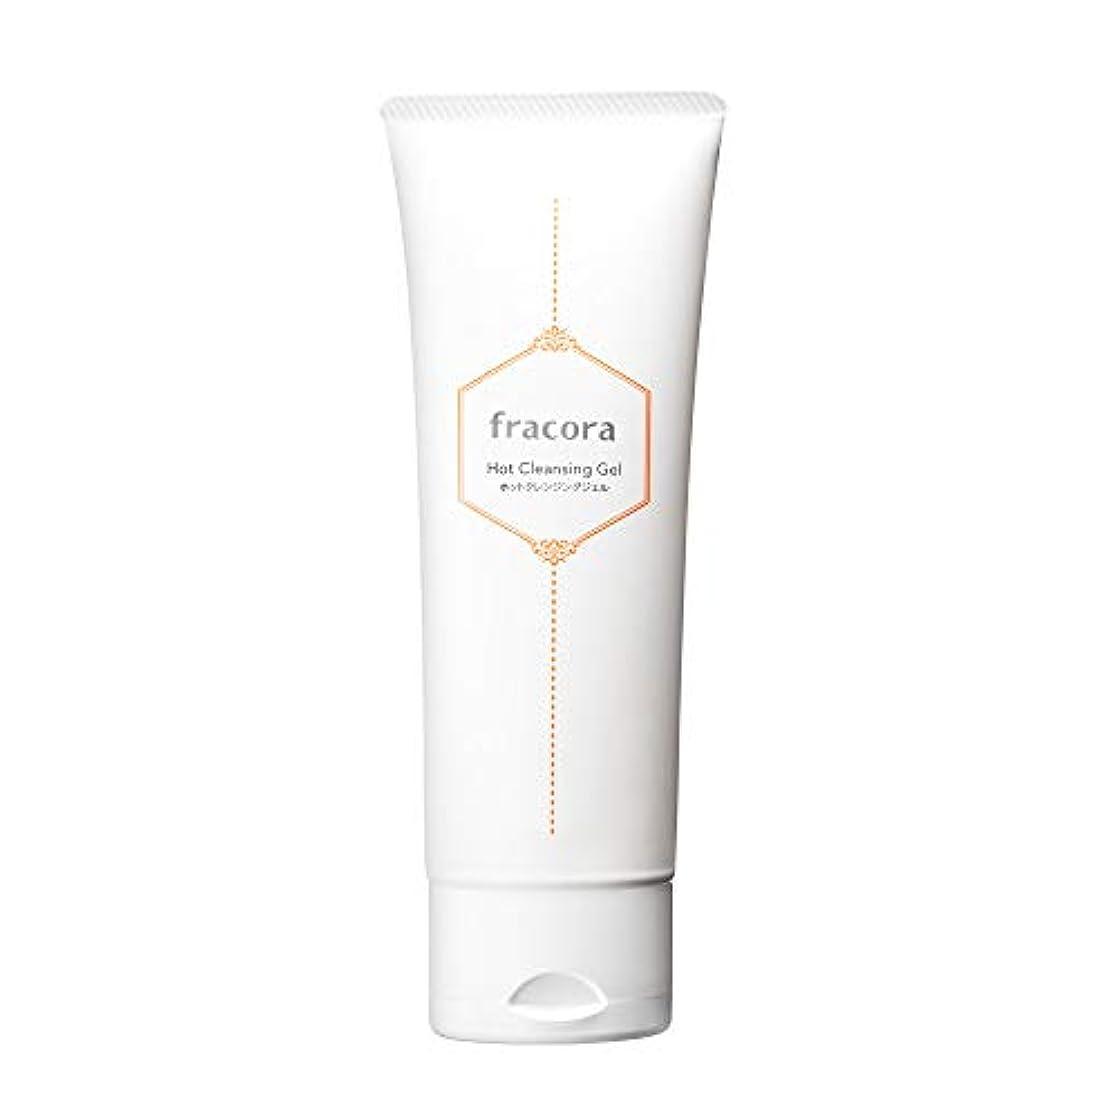 シルエット規模粘液fracora(フラコラ) ホットクレンジングジェル 120g